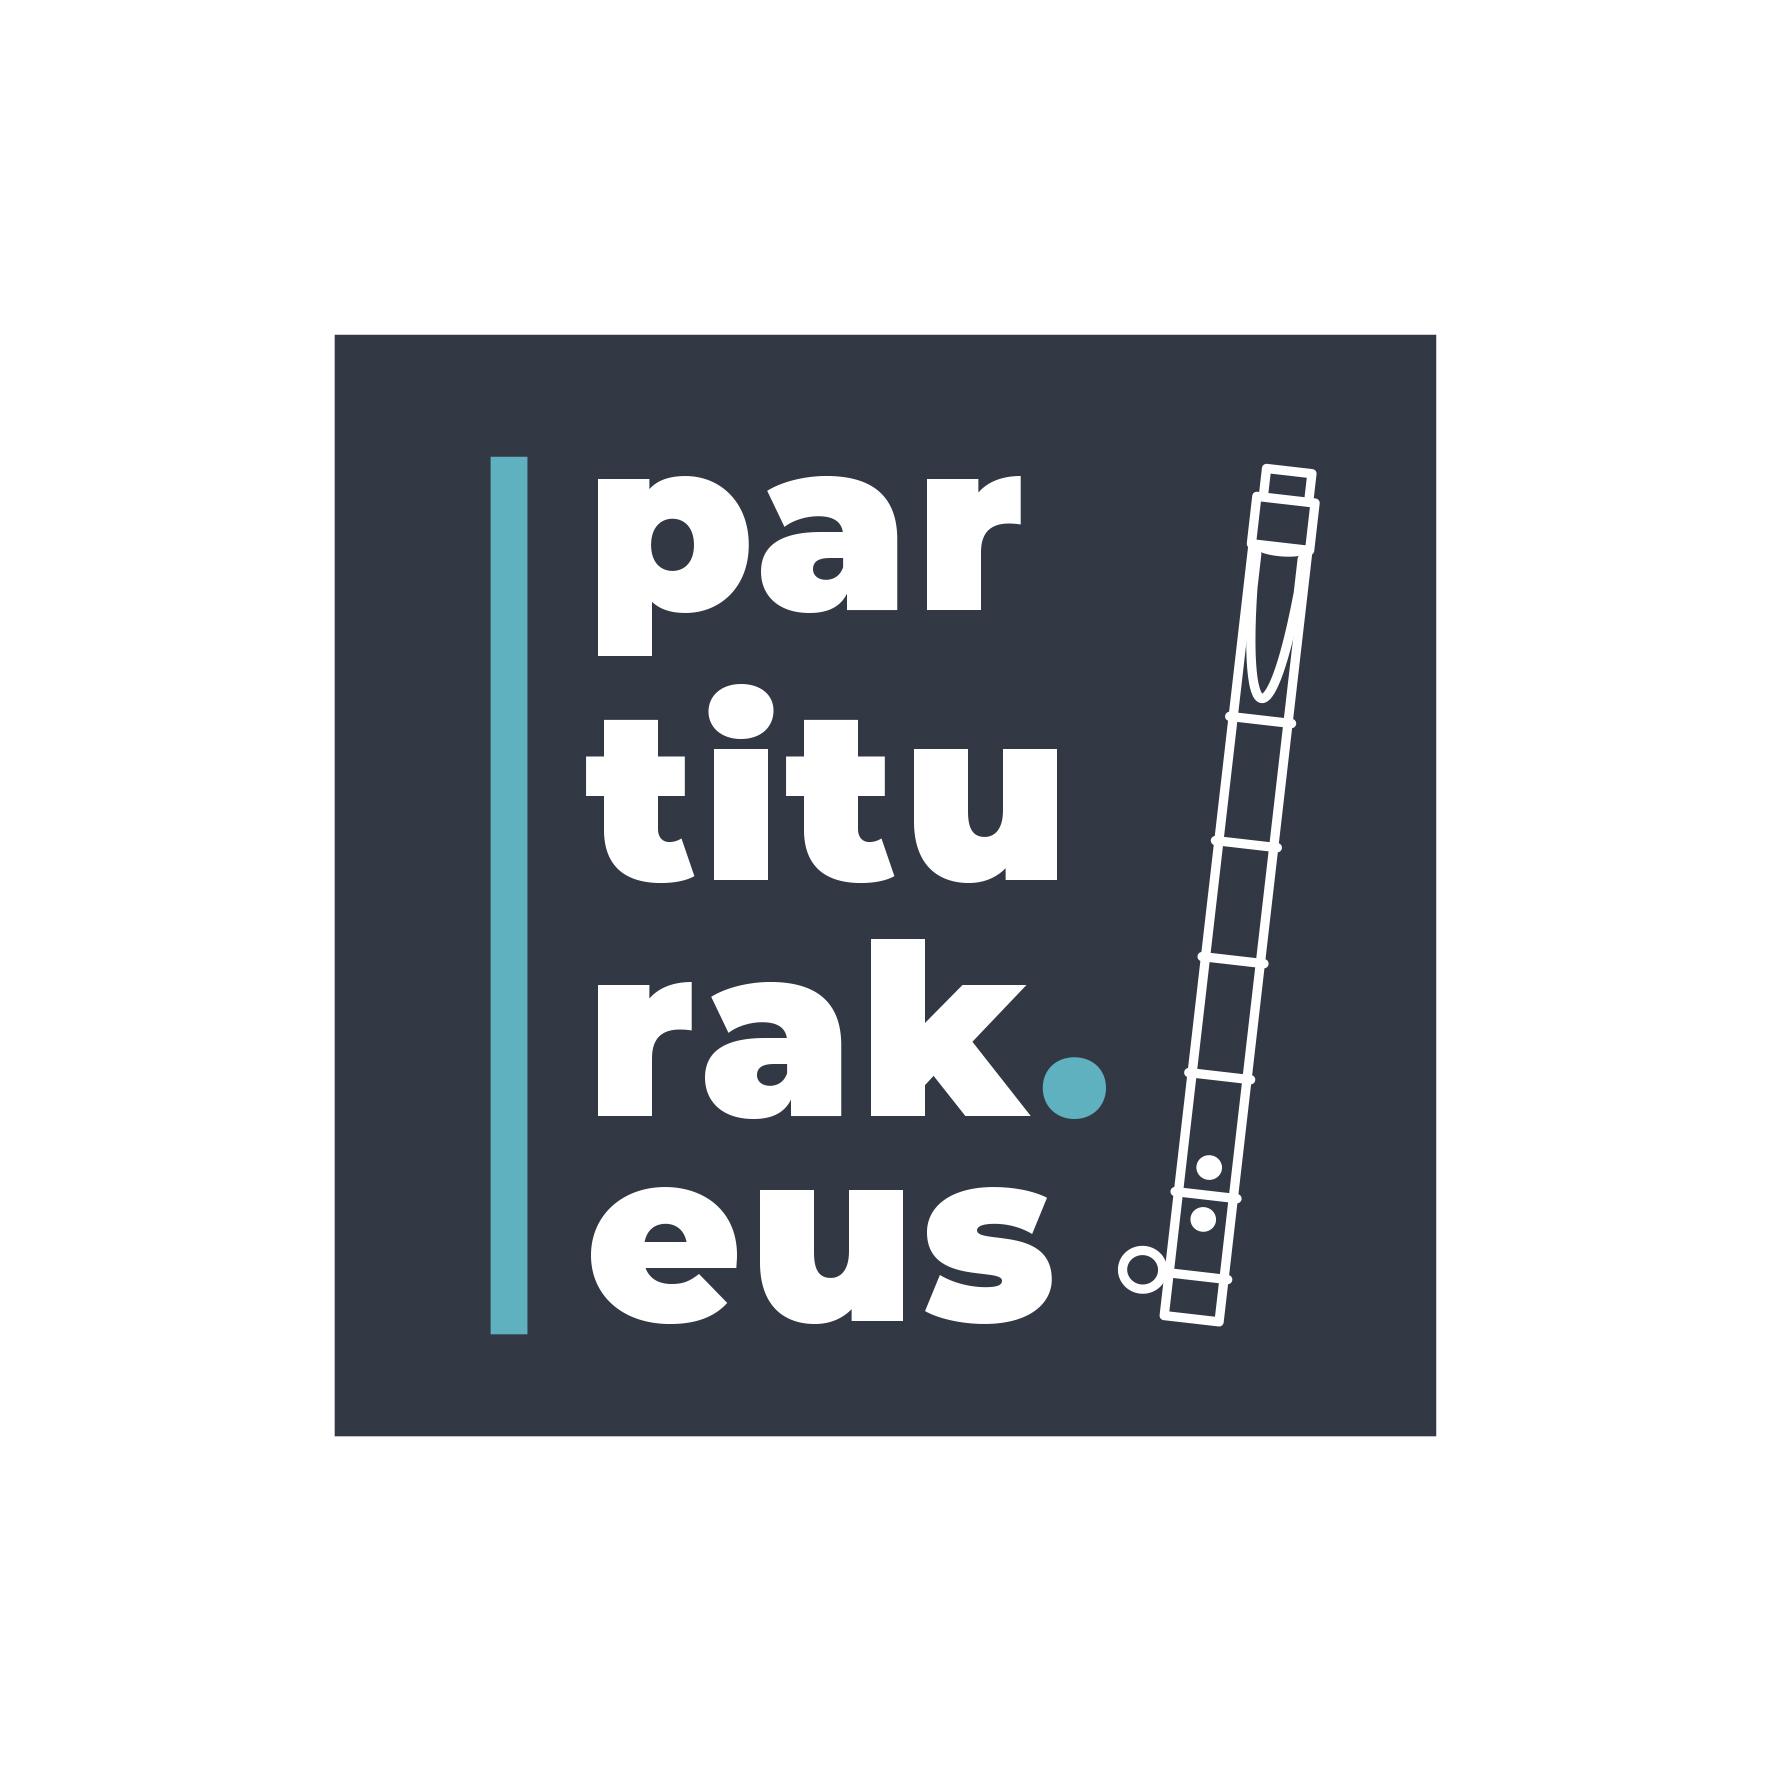 Logotype partiturak.eus